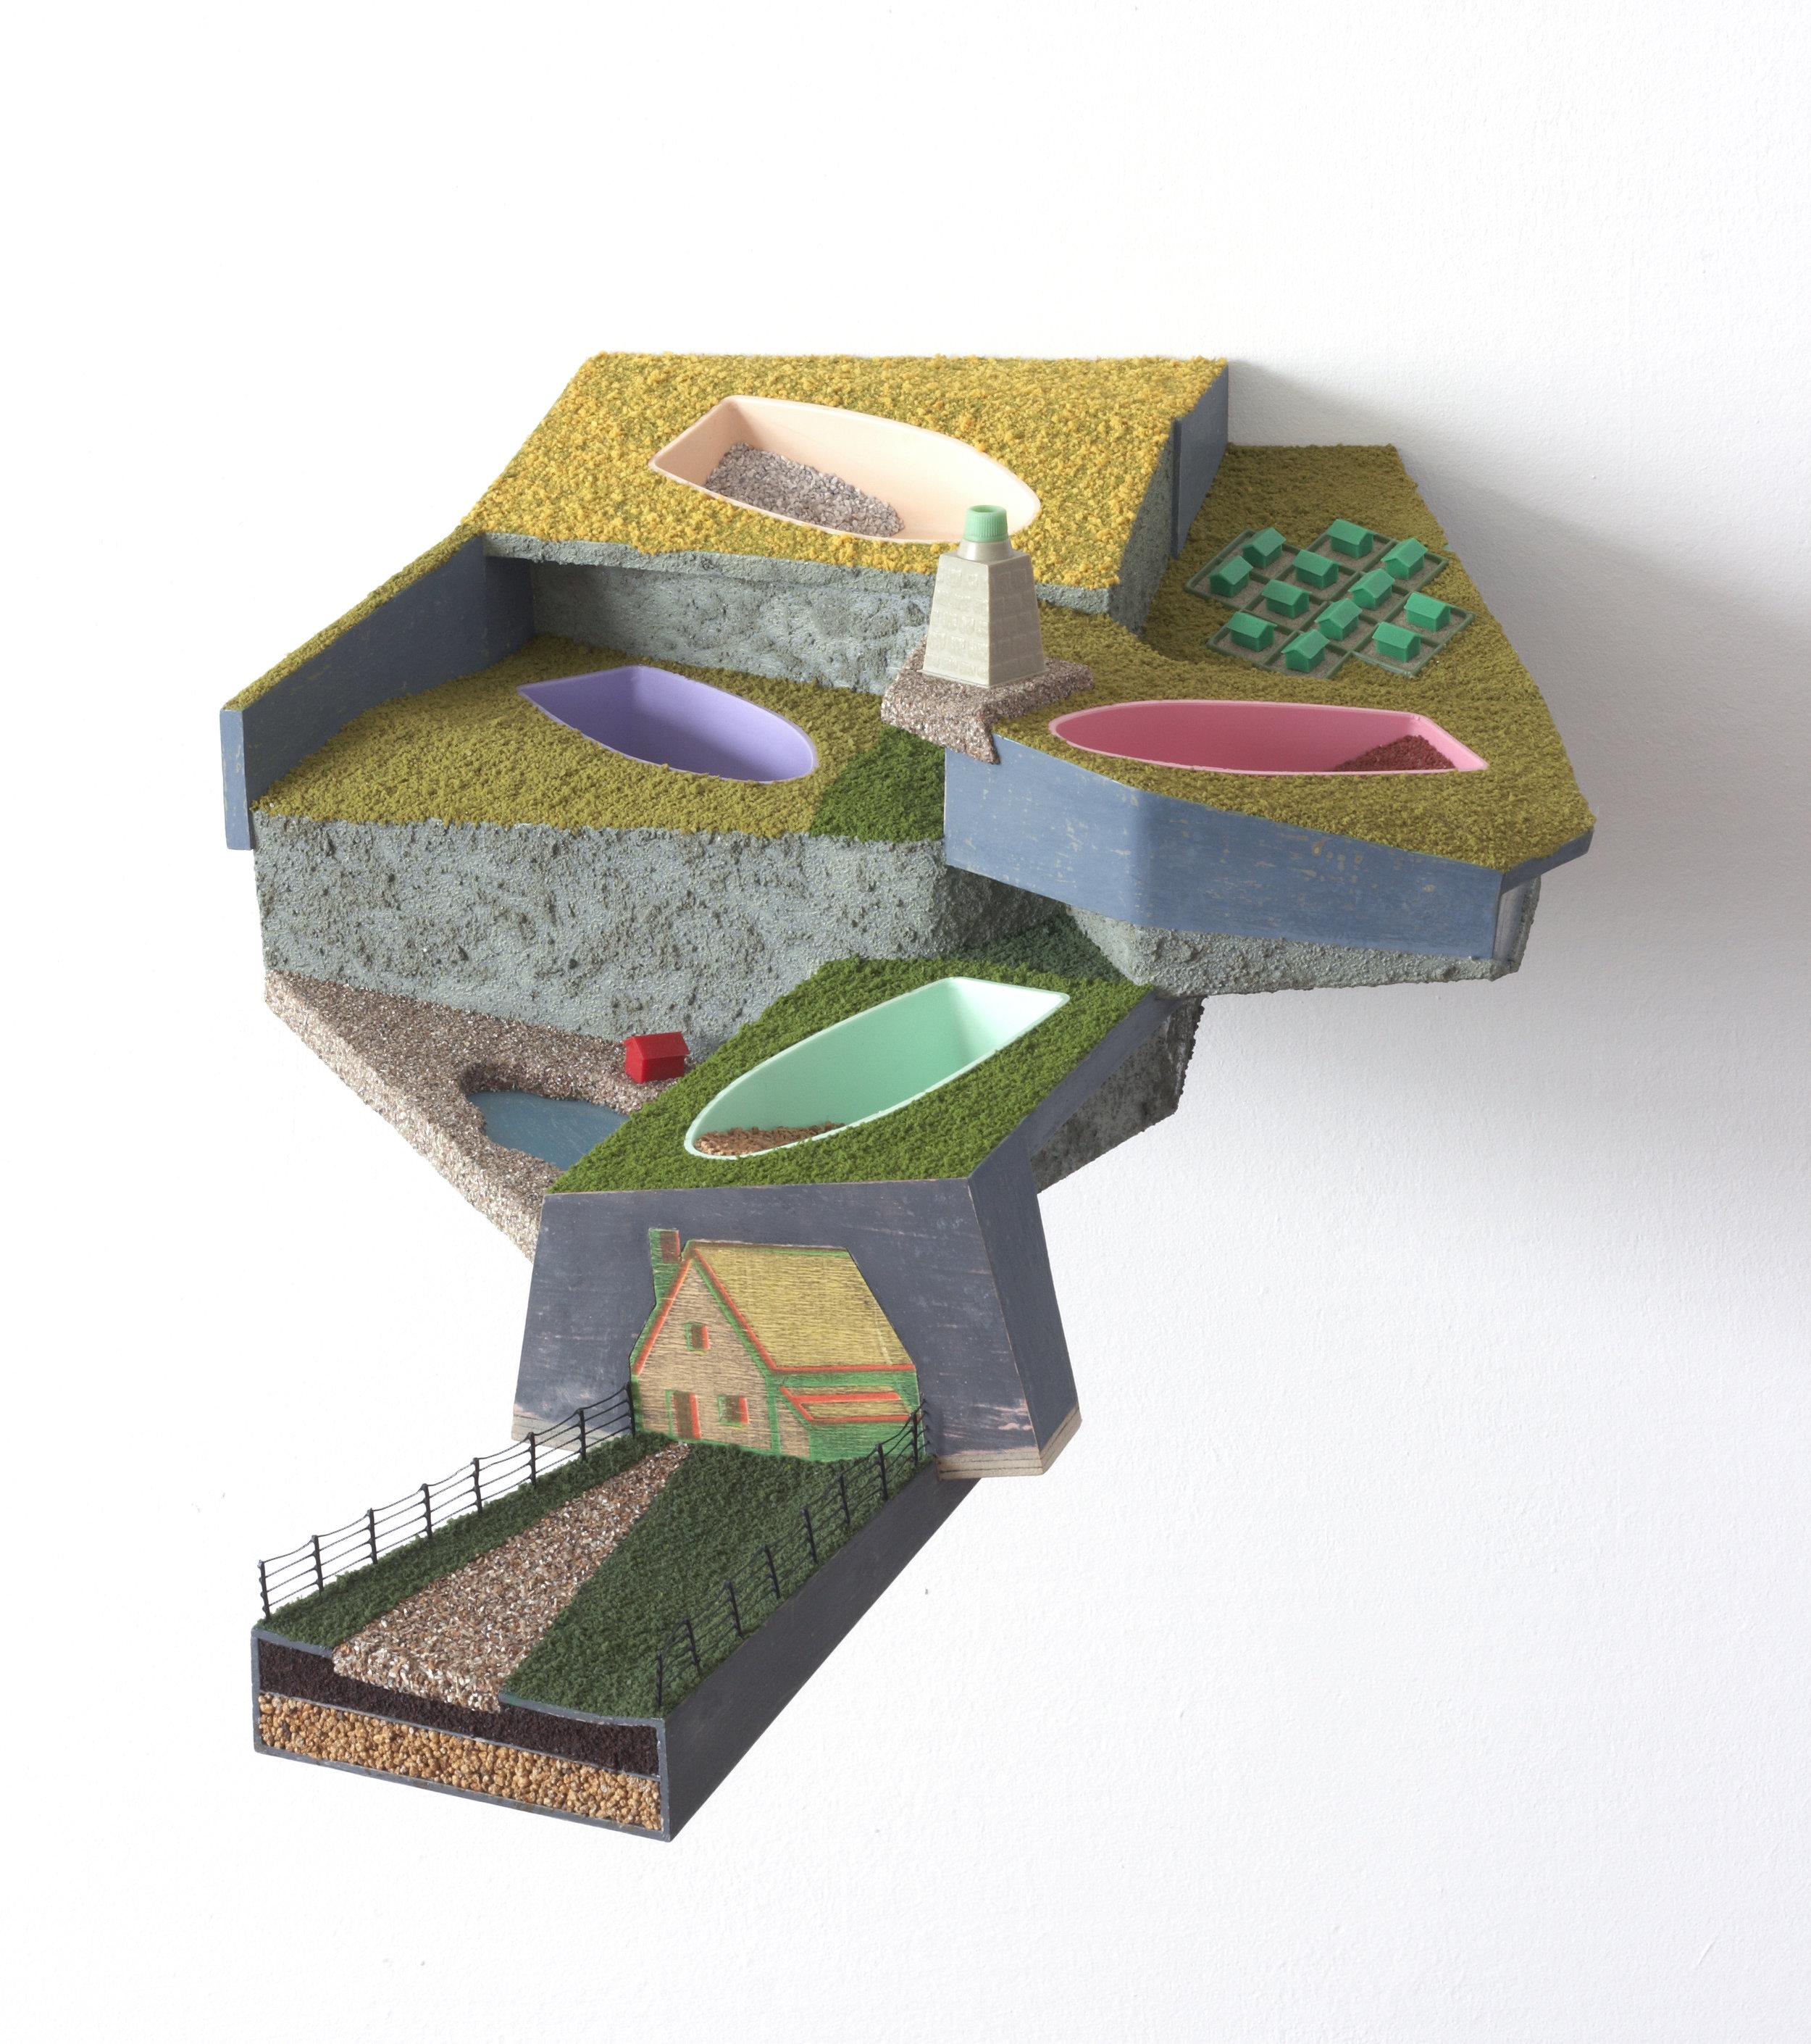 Sunlit Uplands (1992) 20 x 43 x 60 cms